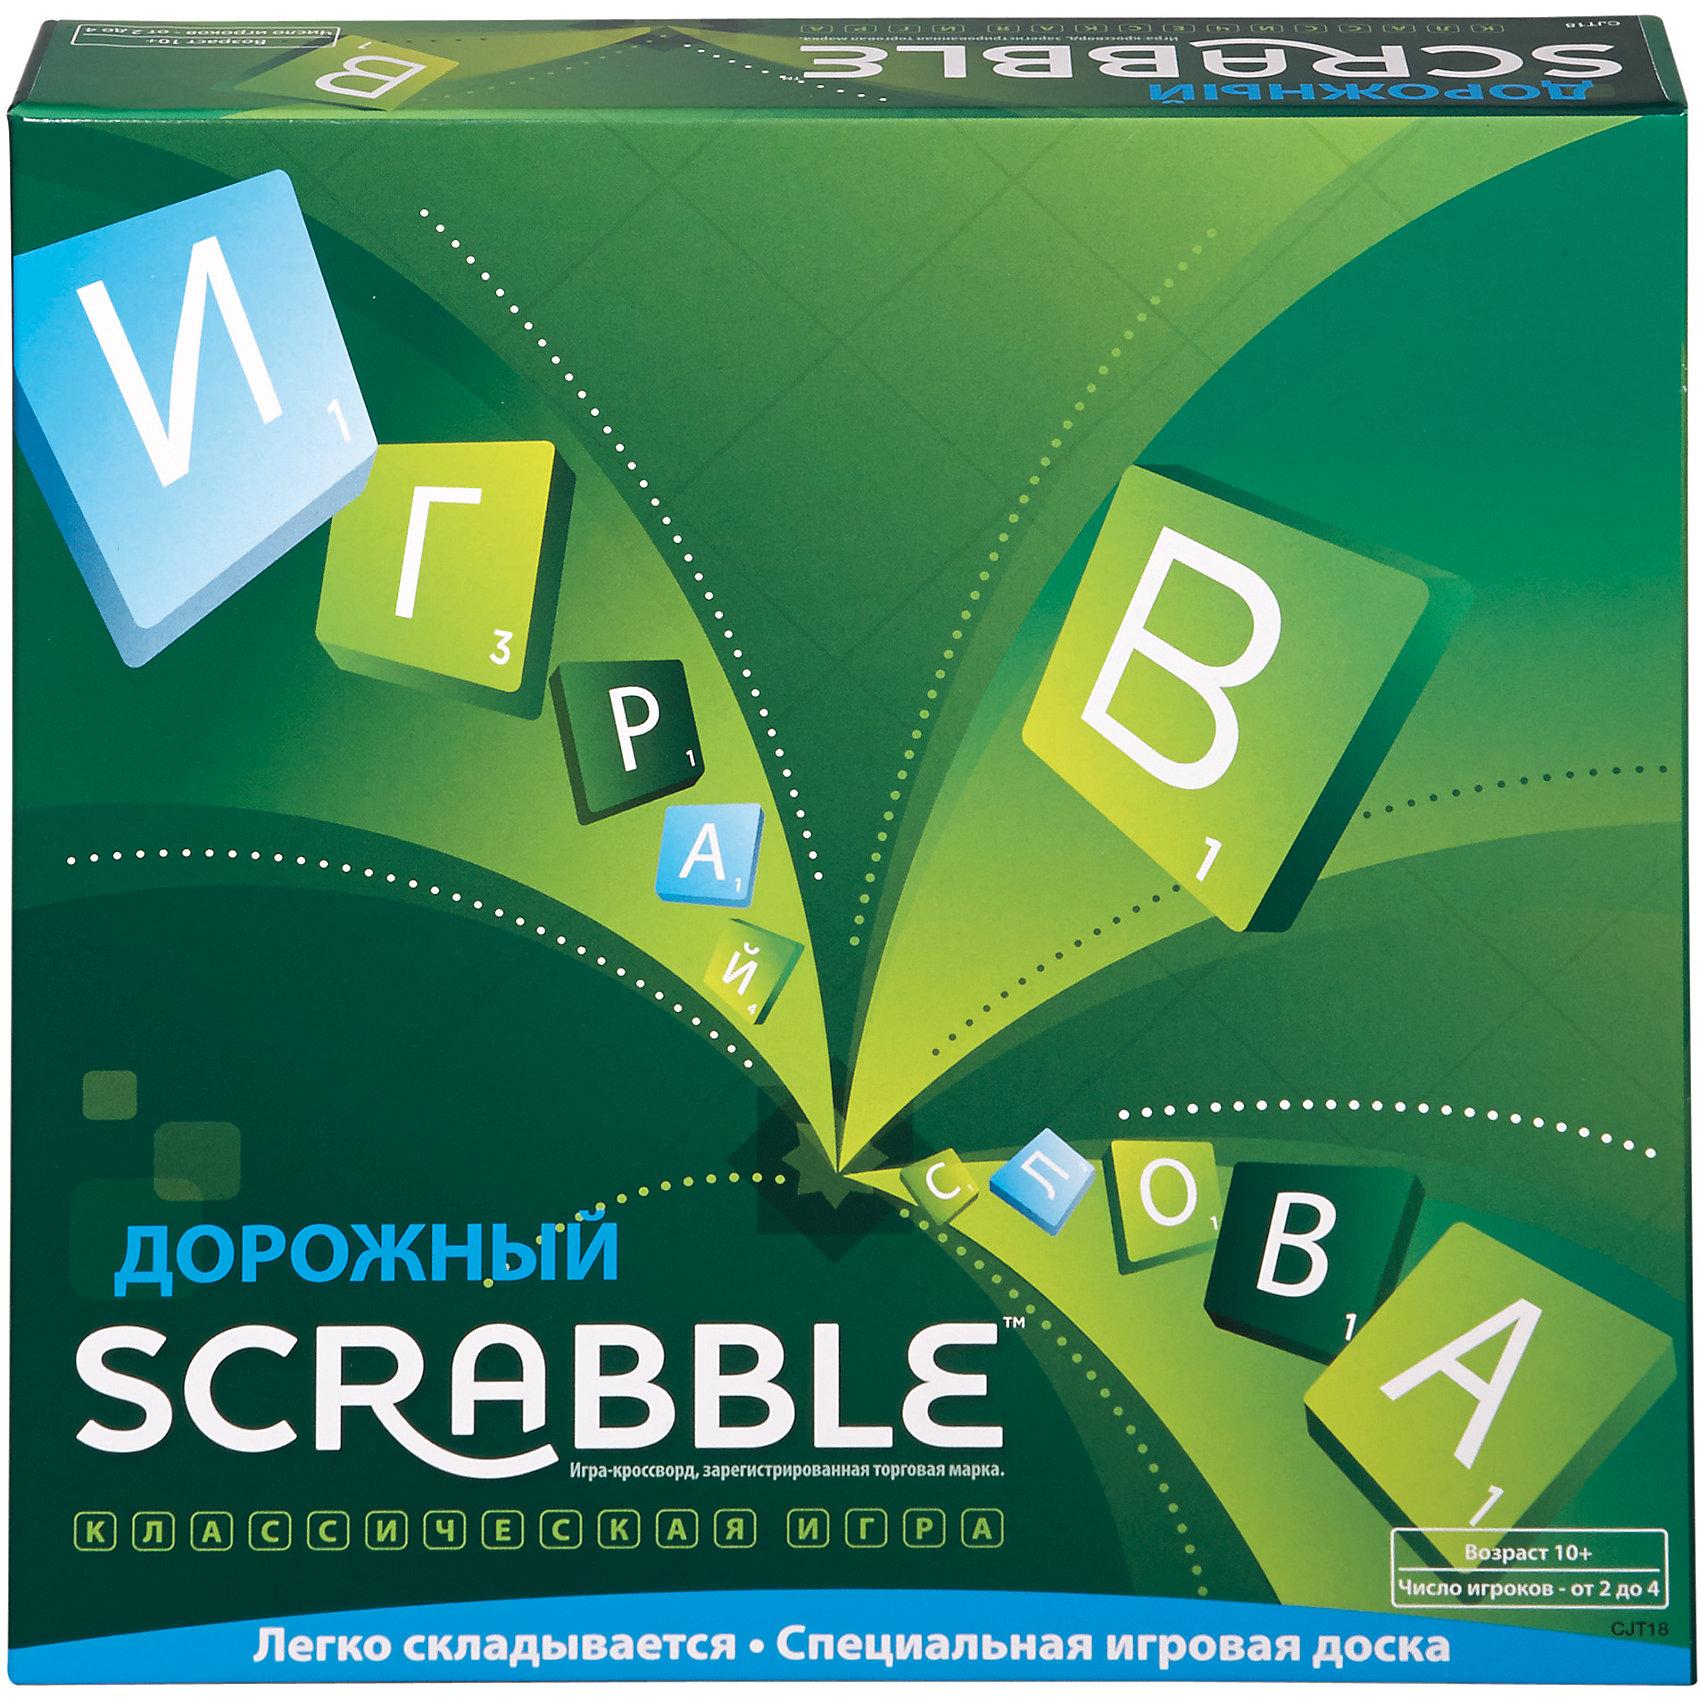 Игра Скрабл в дорогу, MattelТеперь ваша любимая игра Scrabble™ может легко путешествовать вместе с вами! Играйте в поезде, самолете, да хоть на вершине горы! Все благодаря специальной игровой доске, которая удерживает фишки на месте, пока вы играете.<br><br>Ширина мм: 215<br>Глубина мм: 150<br>Высота мм: 50<br>Вес г: 285<br>Возраст от месяцев: 72<br>Возраст до месяцев: 108<br>Пол: Унисекс<br>Возраст: Детский<br>SKU: 4277995